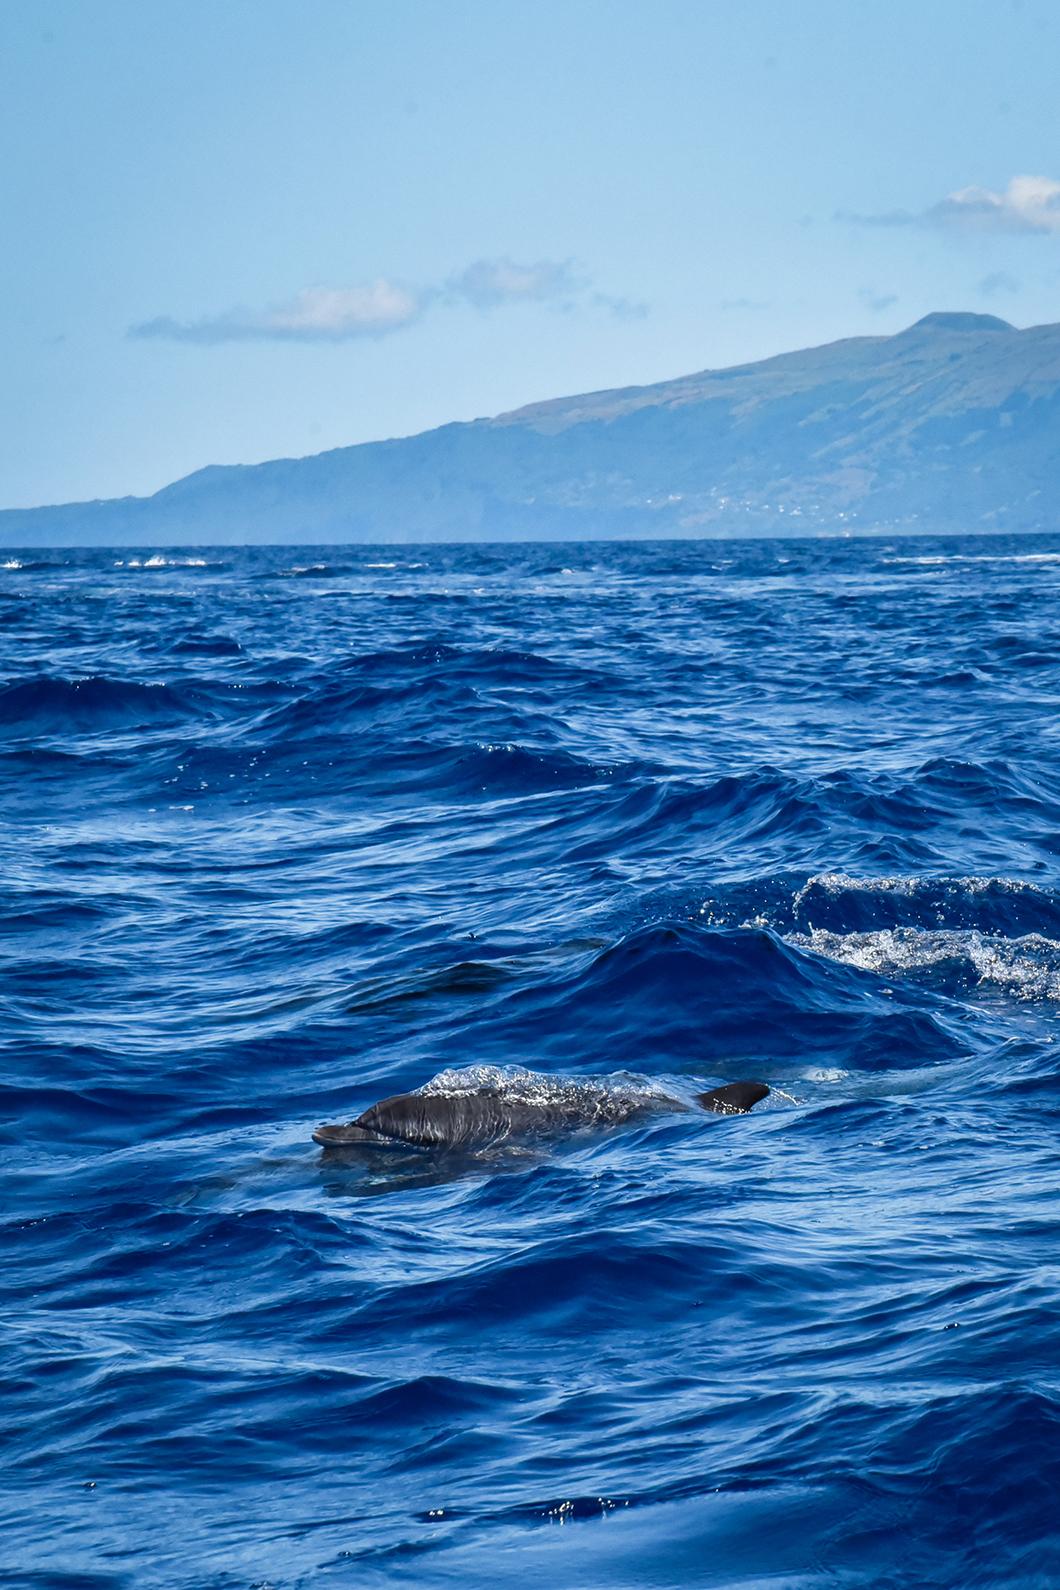 Aller admirer les baleines et dauphins dans les îles des Açores au Portugal